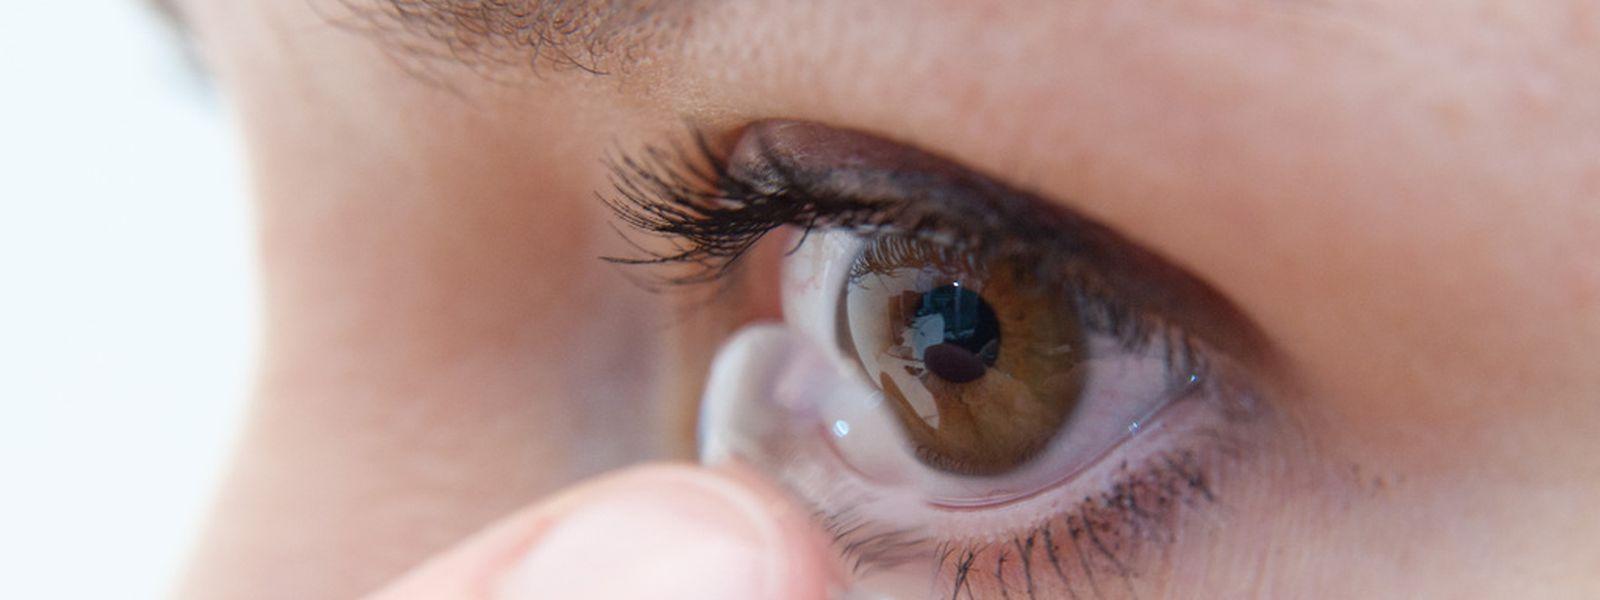 Den Durchblick behalten: Kontaktlinsenträger leiden besonders stark unter trockener Heizungsluft.